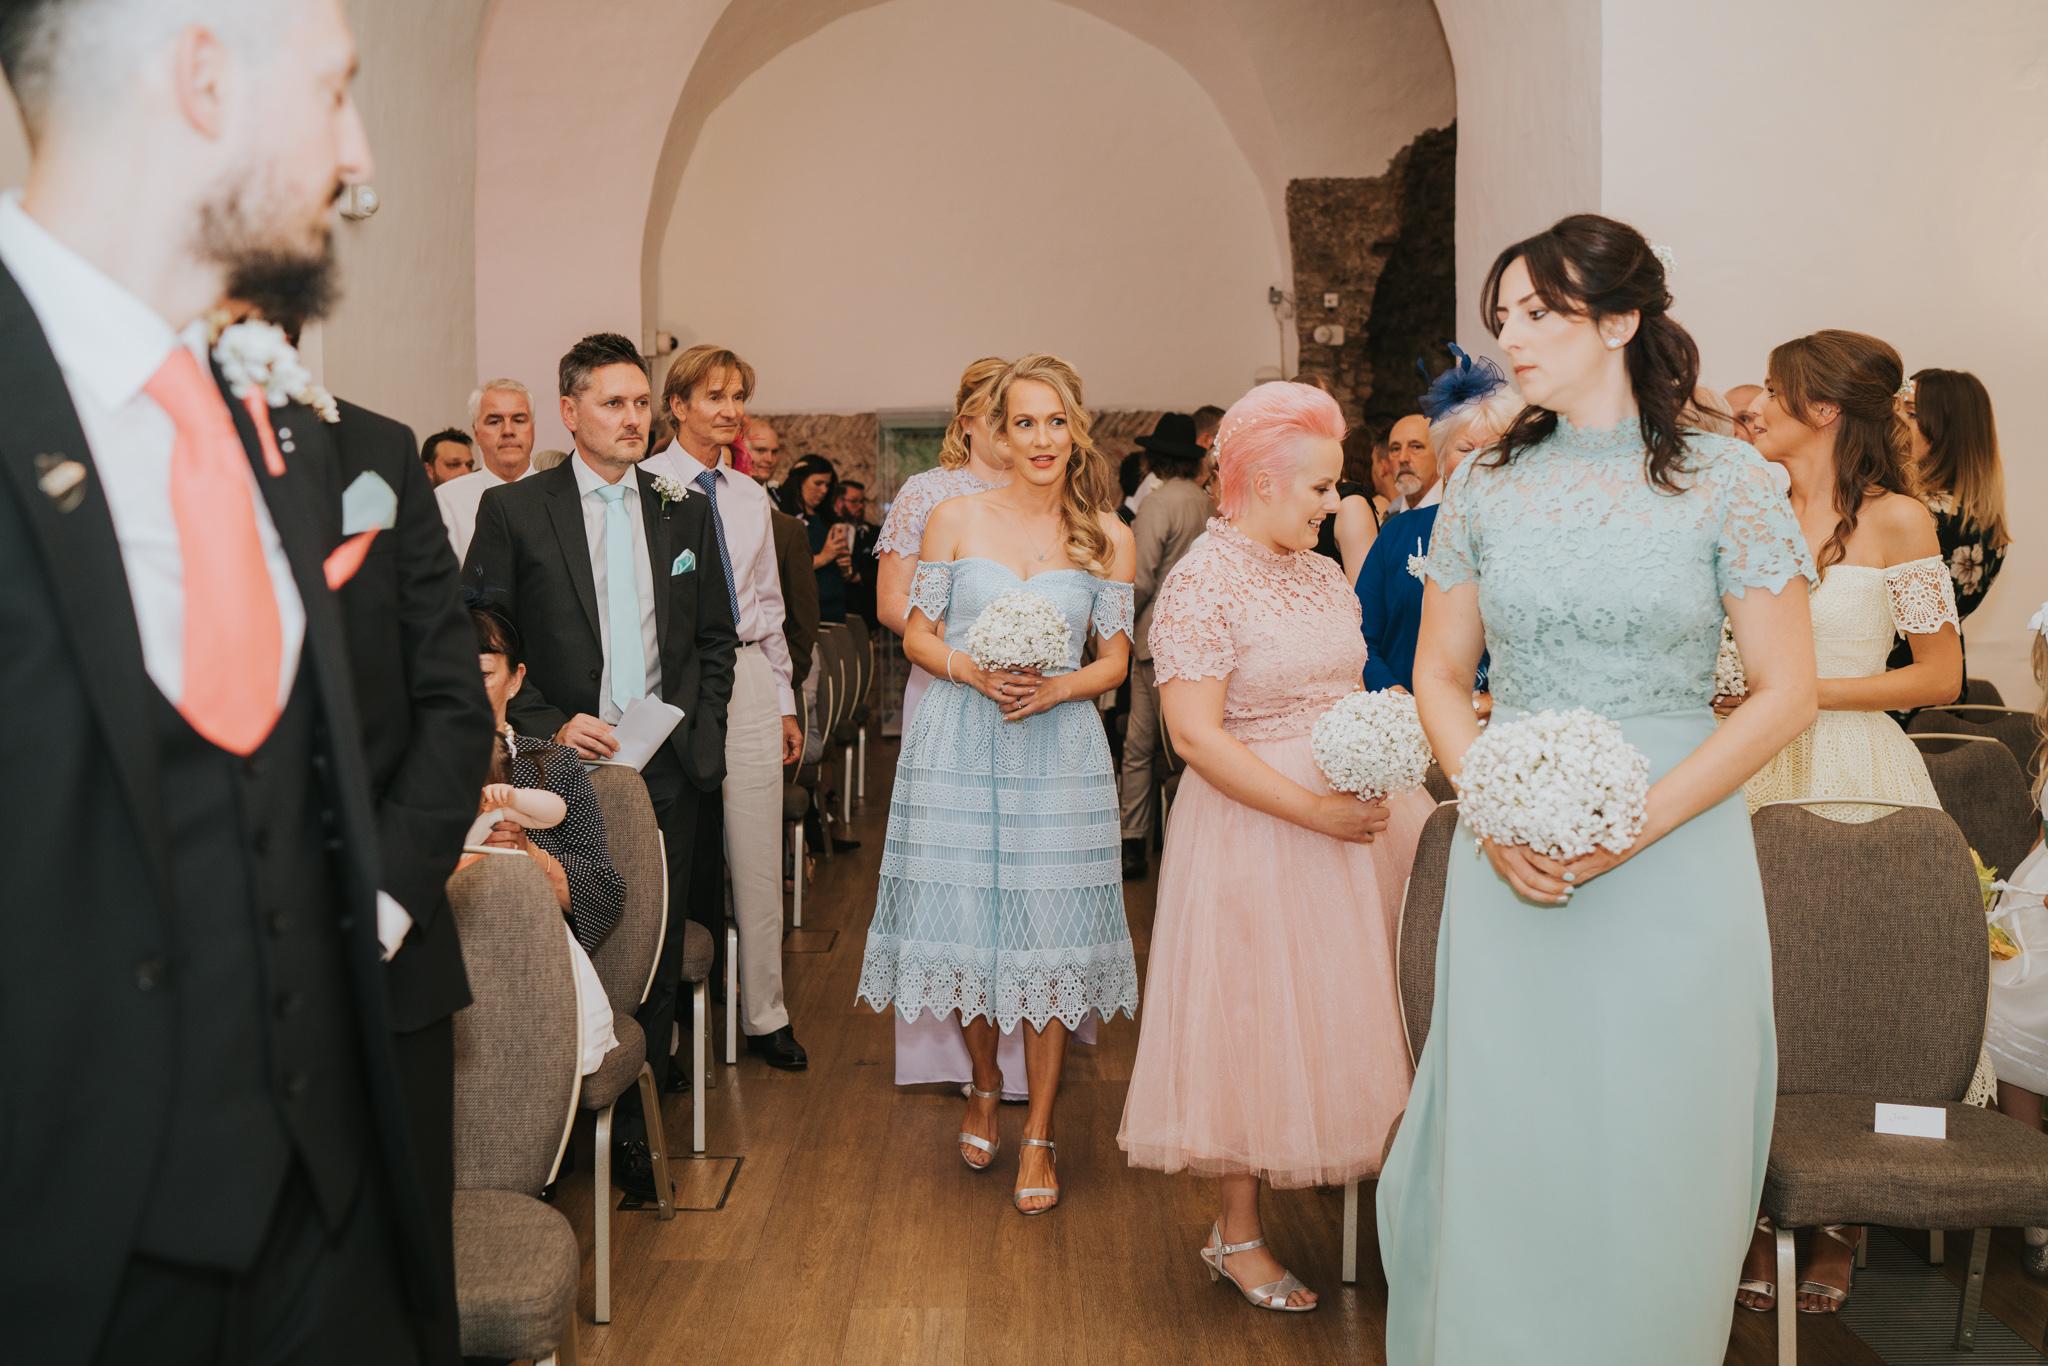 Joe-Tiffany-Colchester-Castle-Wedding-Essex-Grace-Elizabeth-Colchester-Essex-Alternative-Wedding-Photographer-Suffolk-Norfolk-Devon (45 of 122).jpg